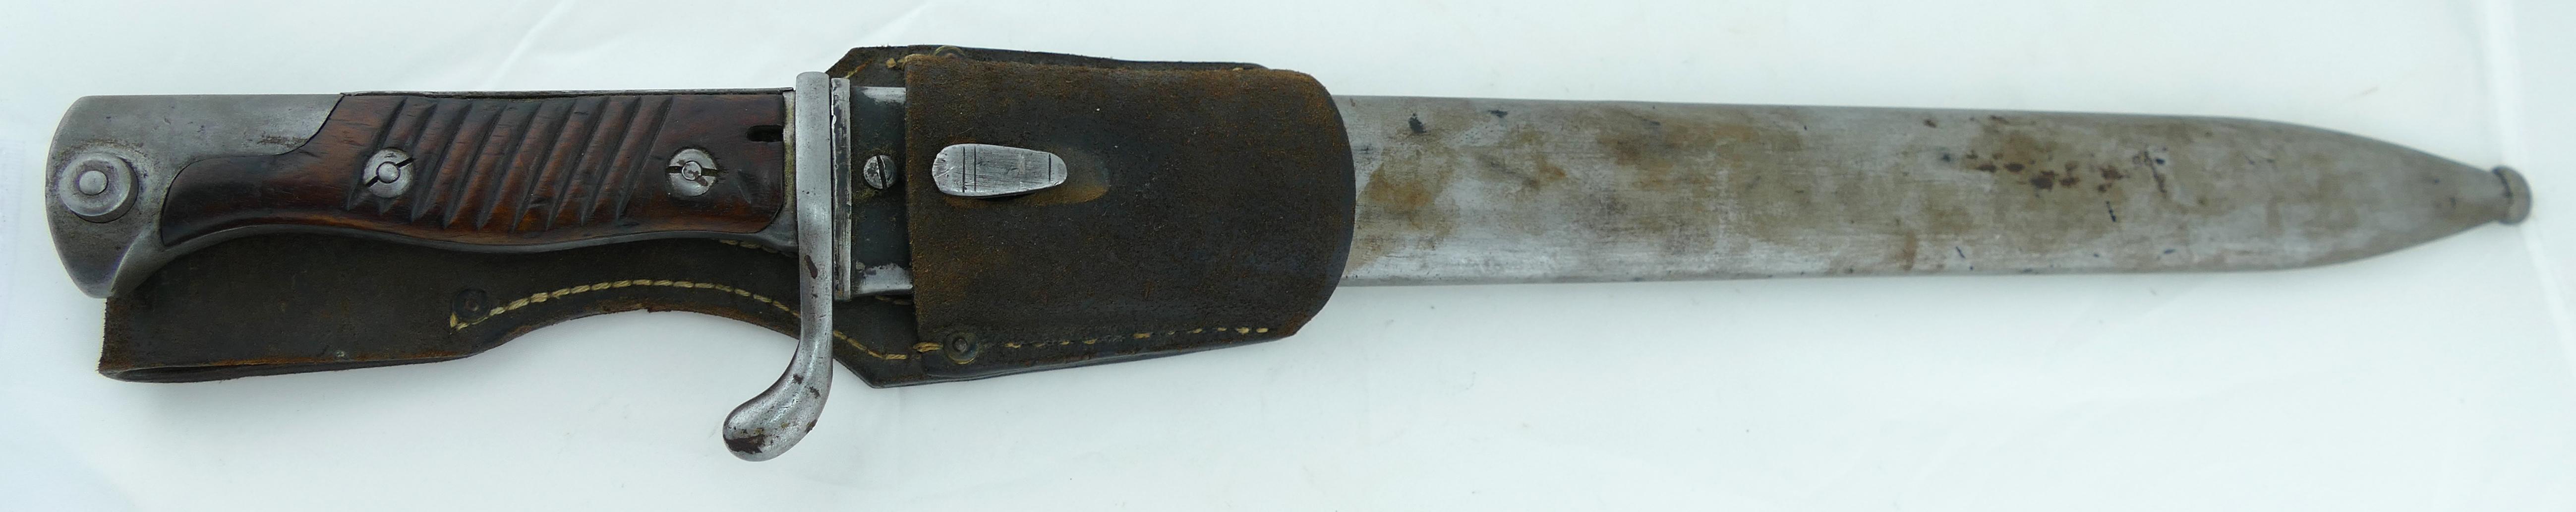 German_WWI_Gewehr_98_Butcher_Bayonet_w_Frog_and_Scab_9